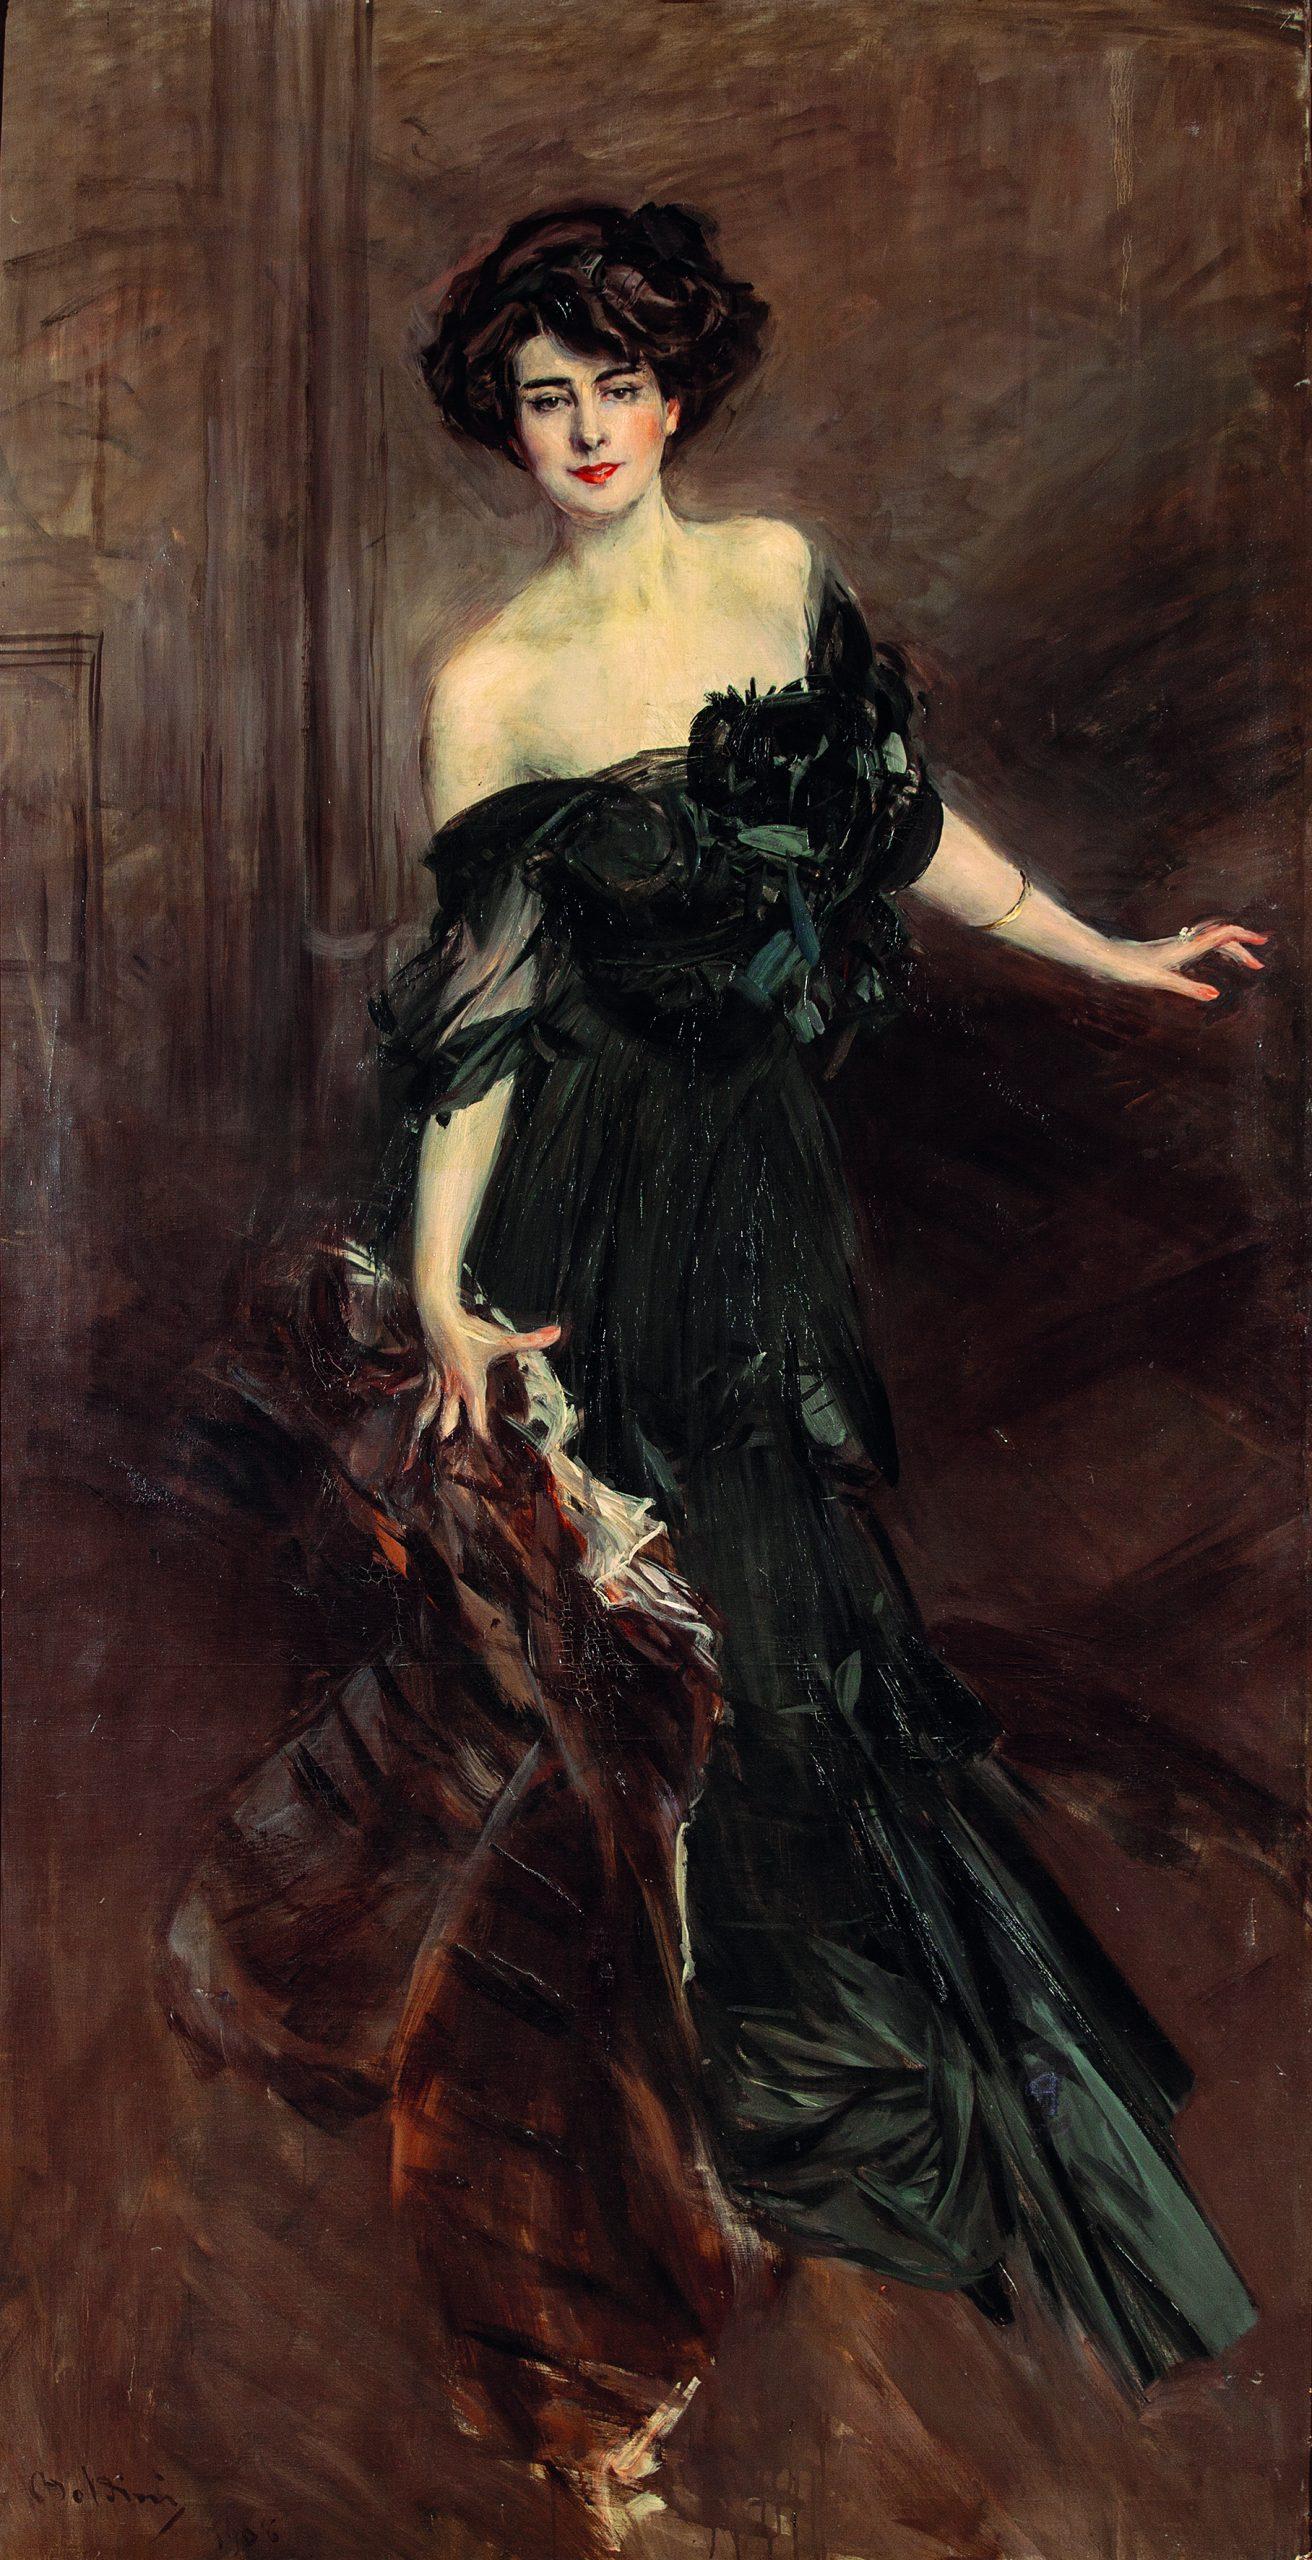 Giovanni Boldini, Mademoiselle De Nemidoff, 1908, Olio su tela, 232x122 cm, Collezione privata